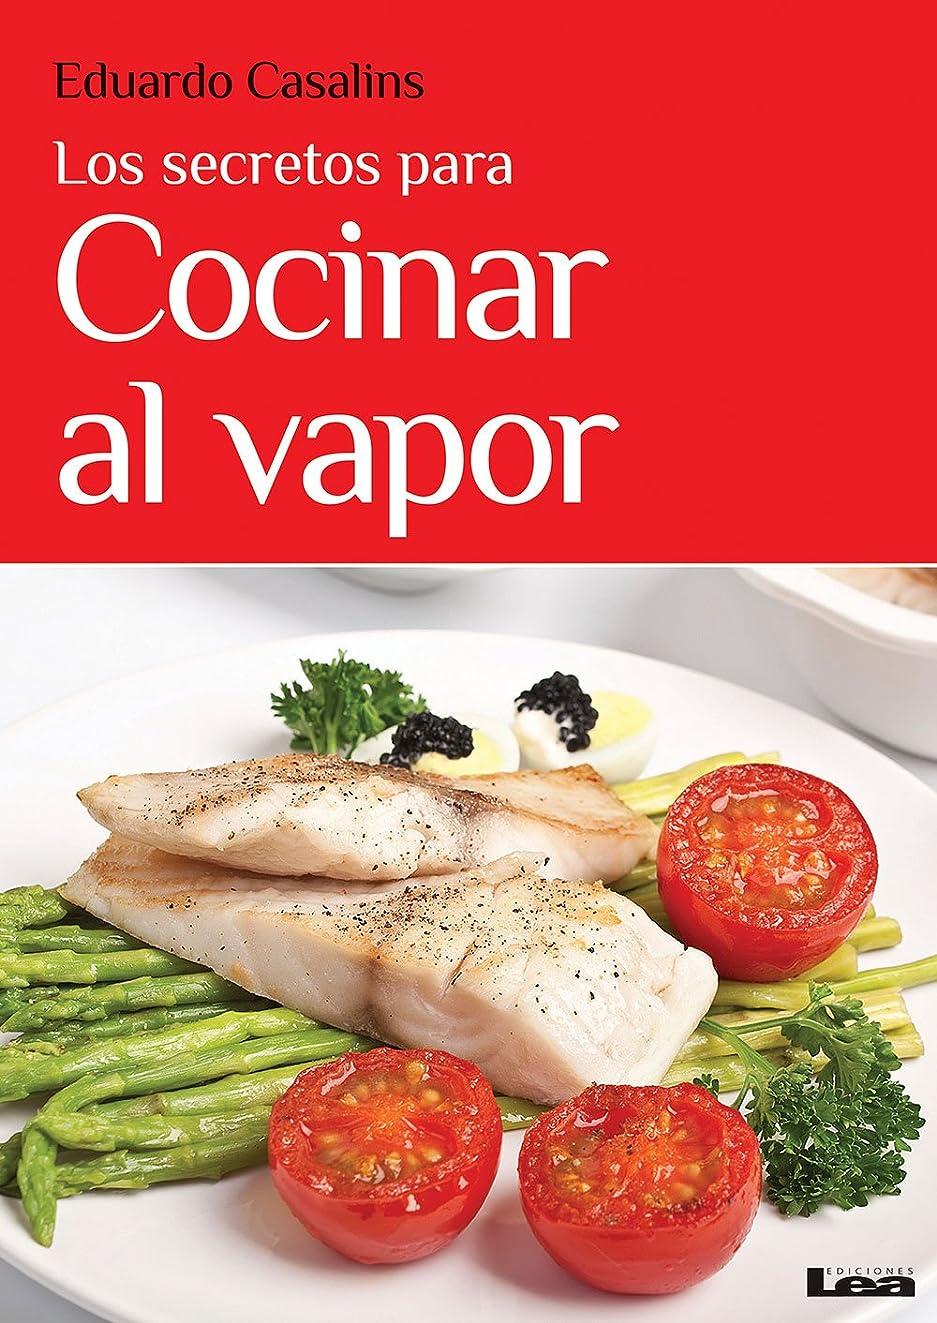 Los secretos para cocinar al vapor (Spanish Edition)